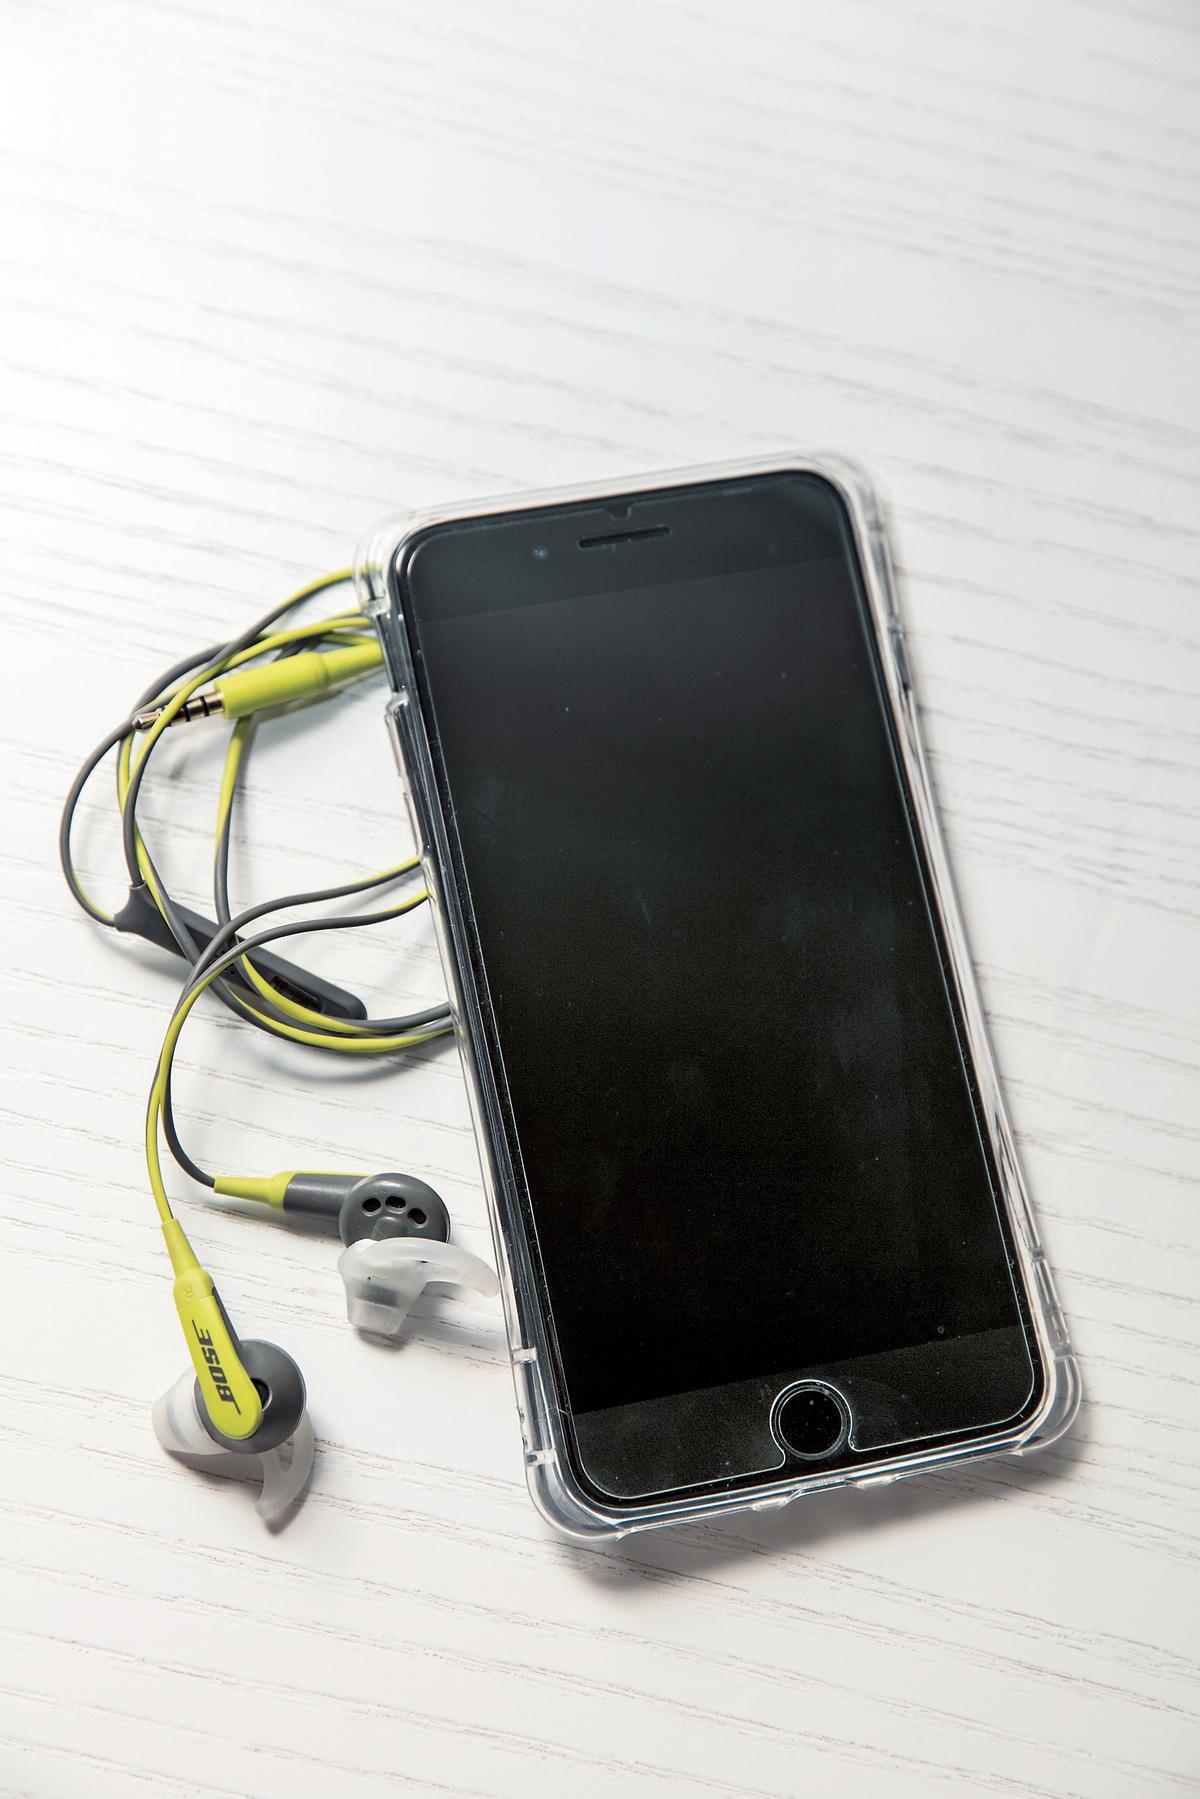 工作上常拍影片,大容量的iPhone 7曜石黑256G手機,很實用。NT$36,900